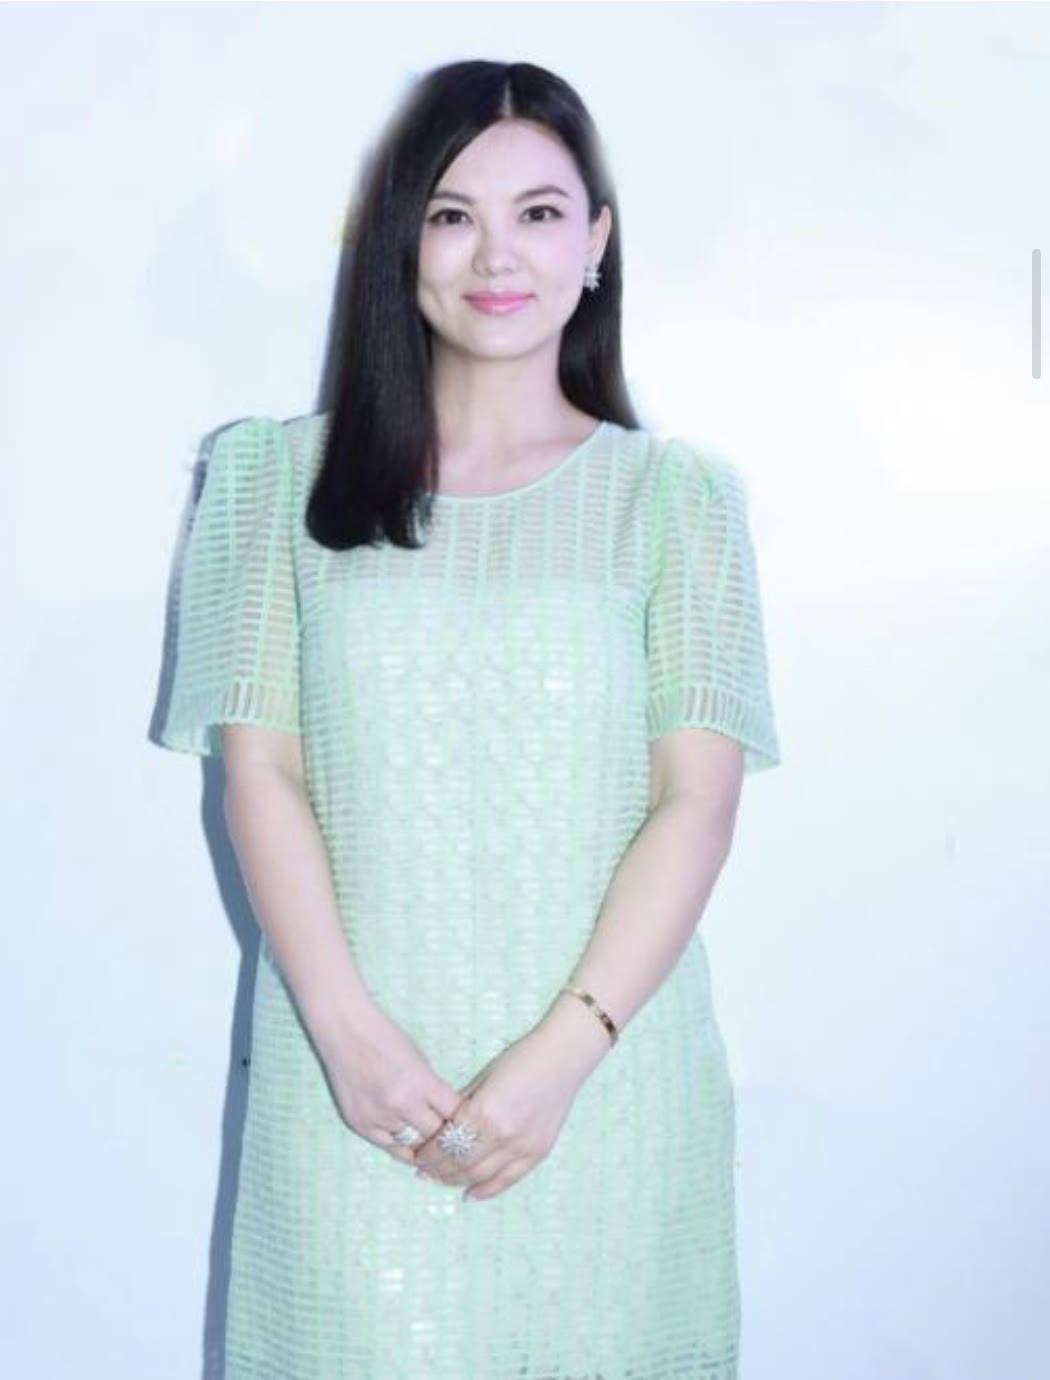 李湘胖一点却挺耐看,穿一身薄荷绿连衣裙亮相,意外有了清新美